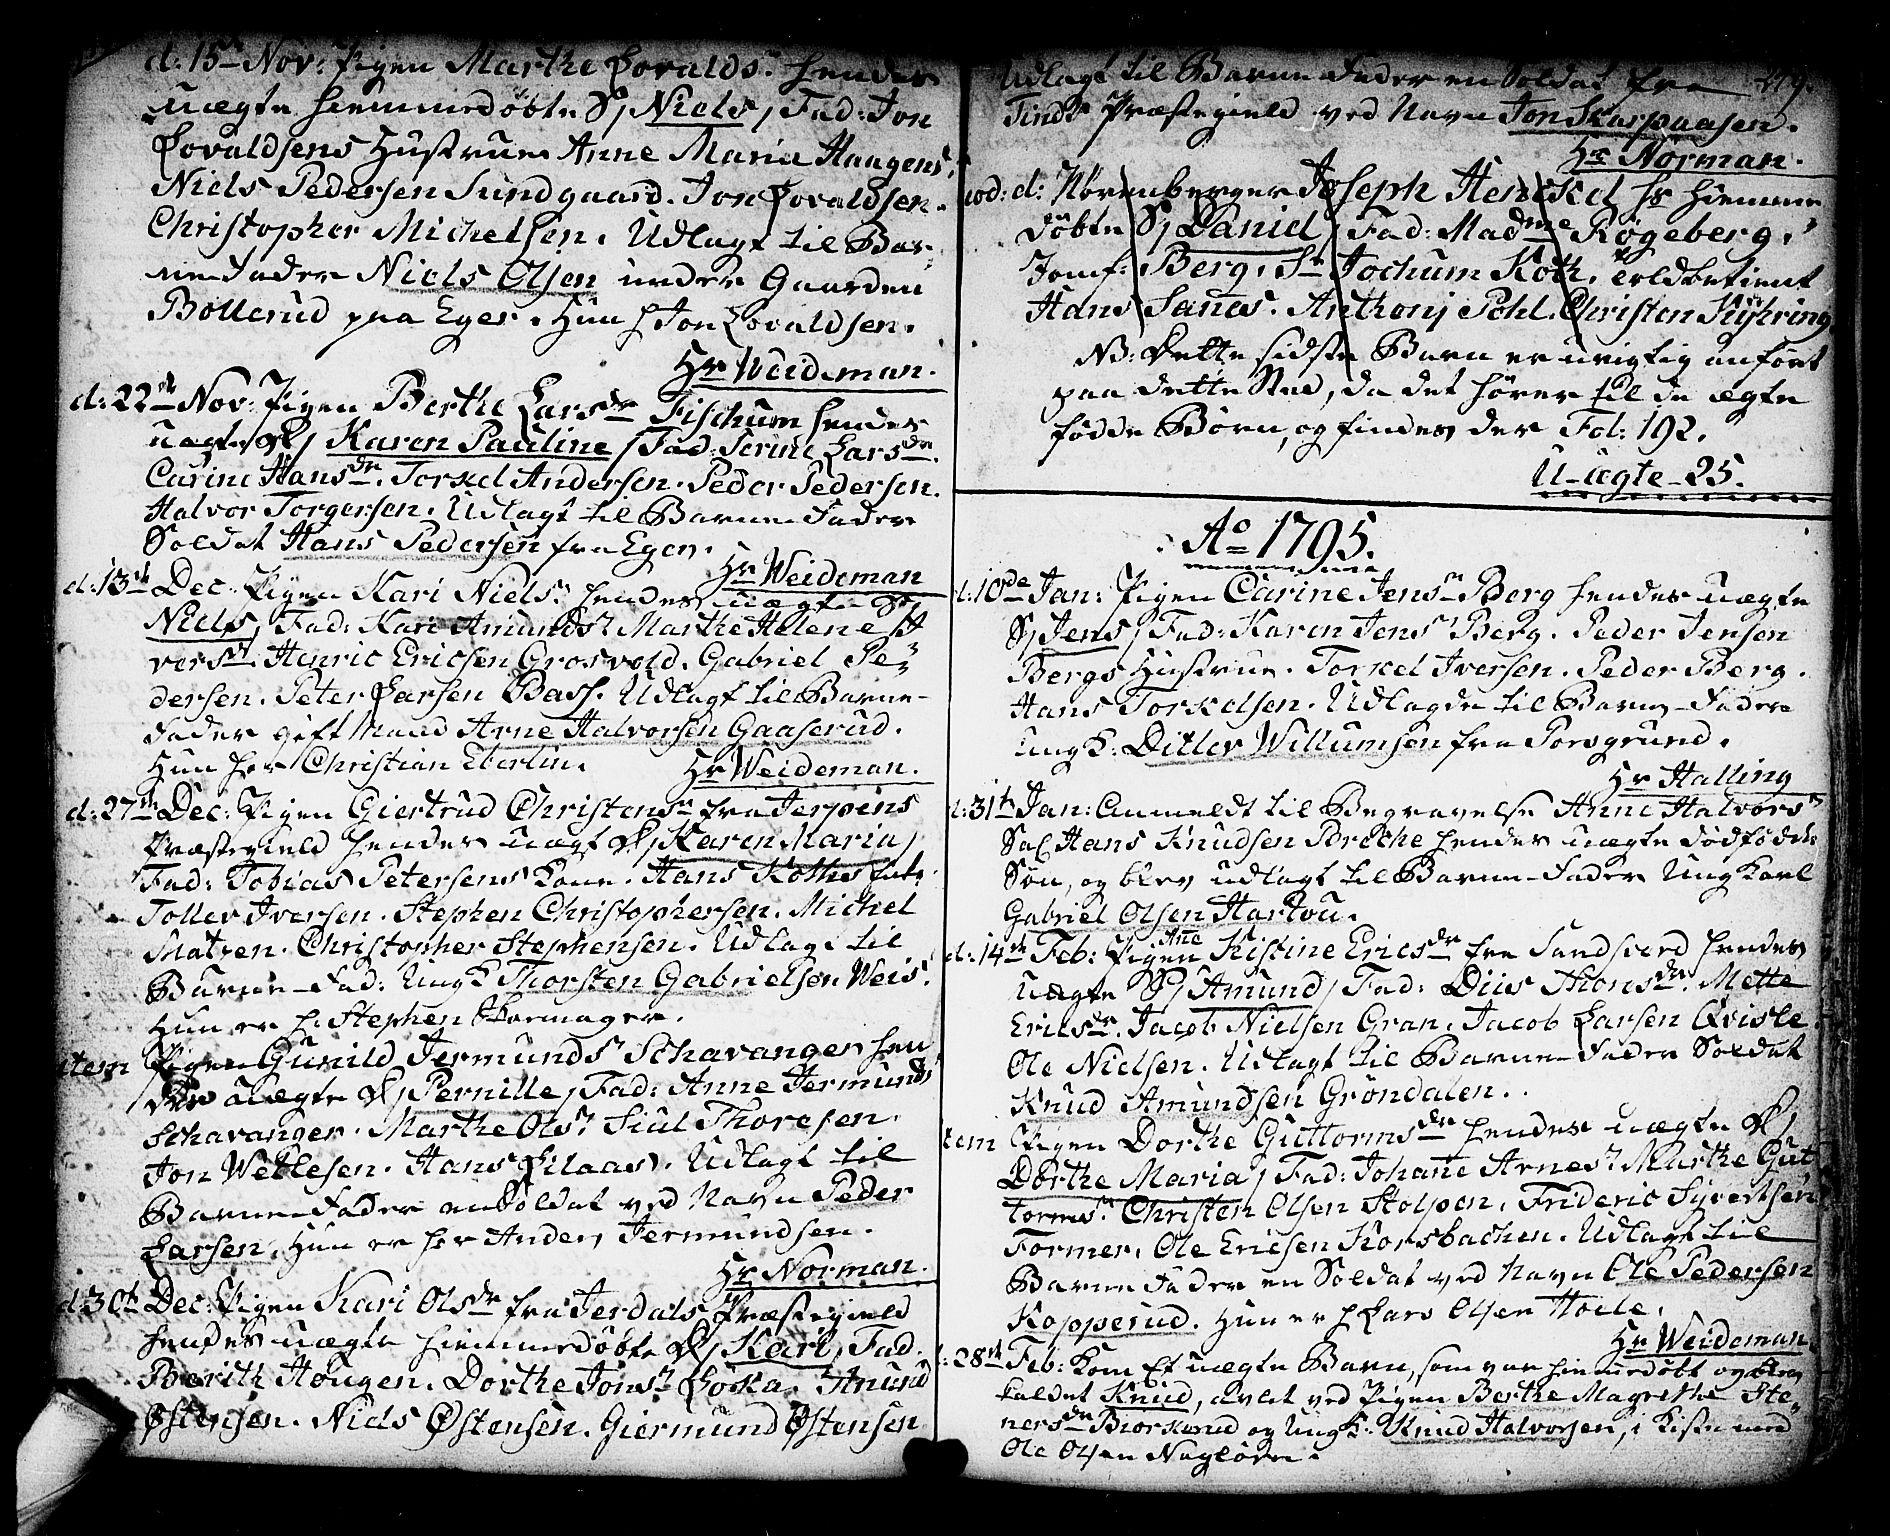 SAKO, Kongsberg kirkebøker, F/Fa/L0006: Ministerialbok nr. I 6, 1783-1797, s. 249